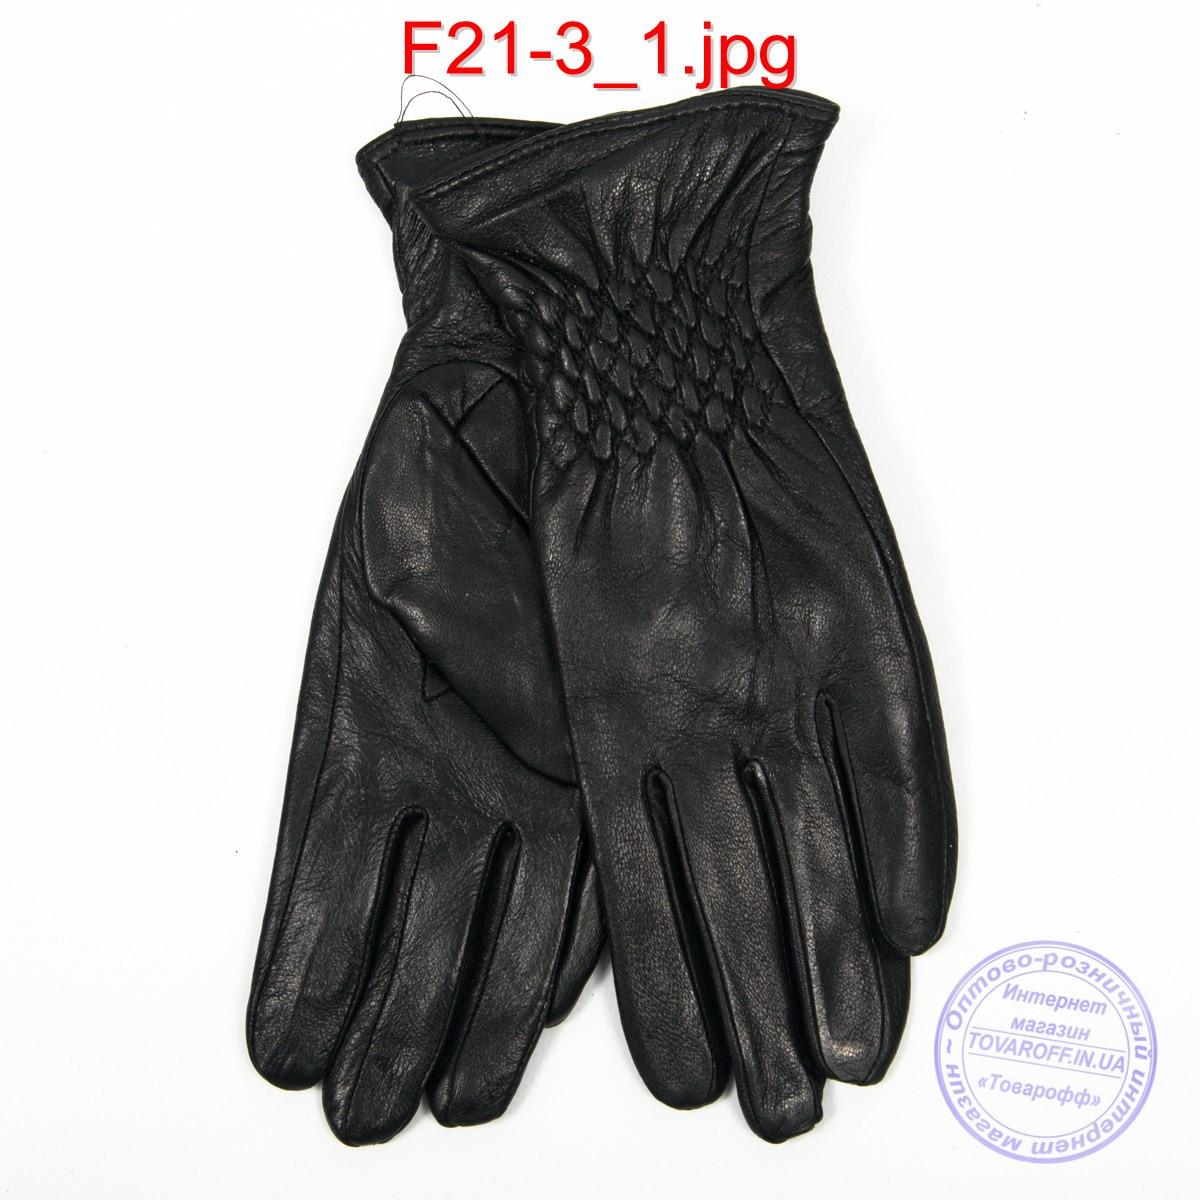 Оптом женские кожаные перчатки на плюше - F21-3